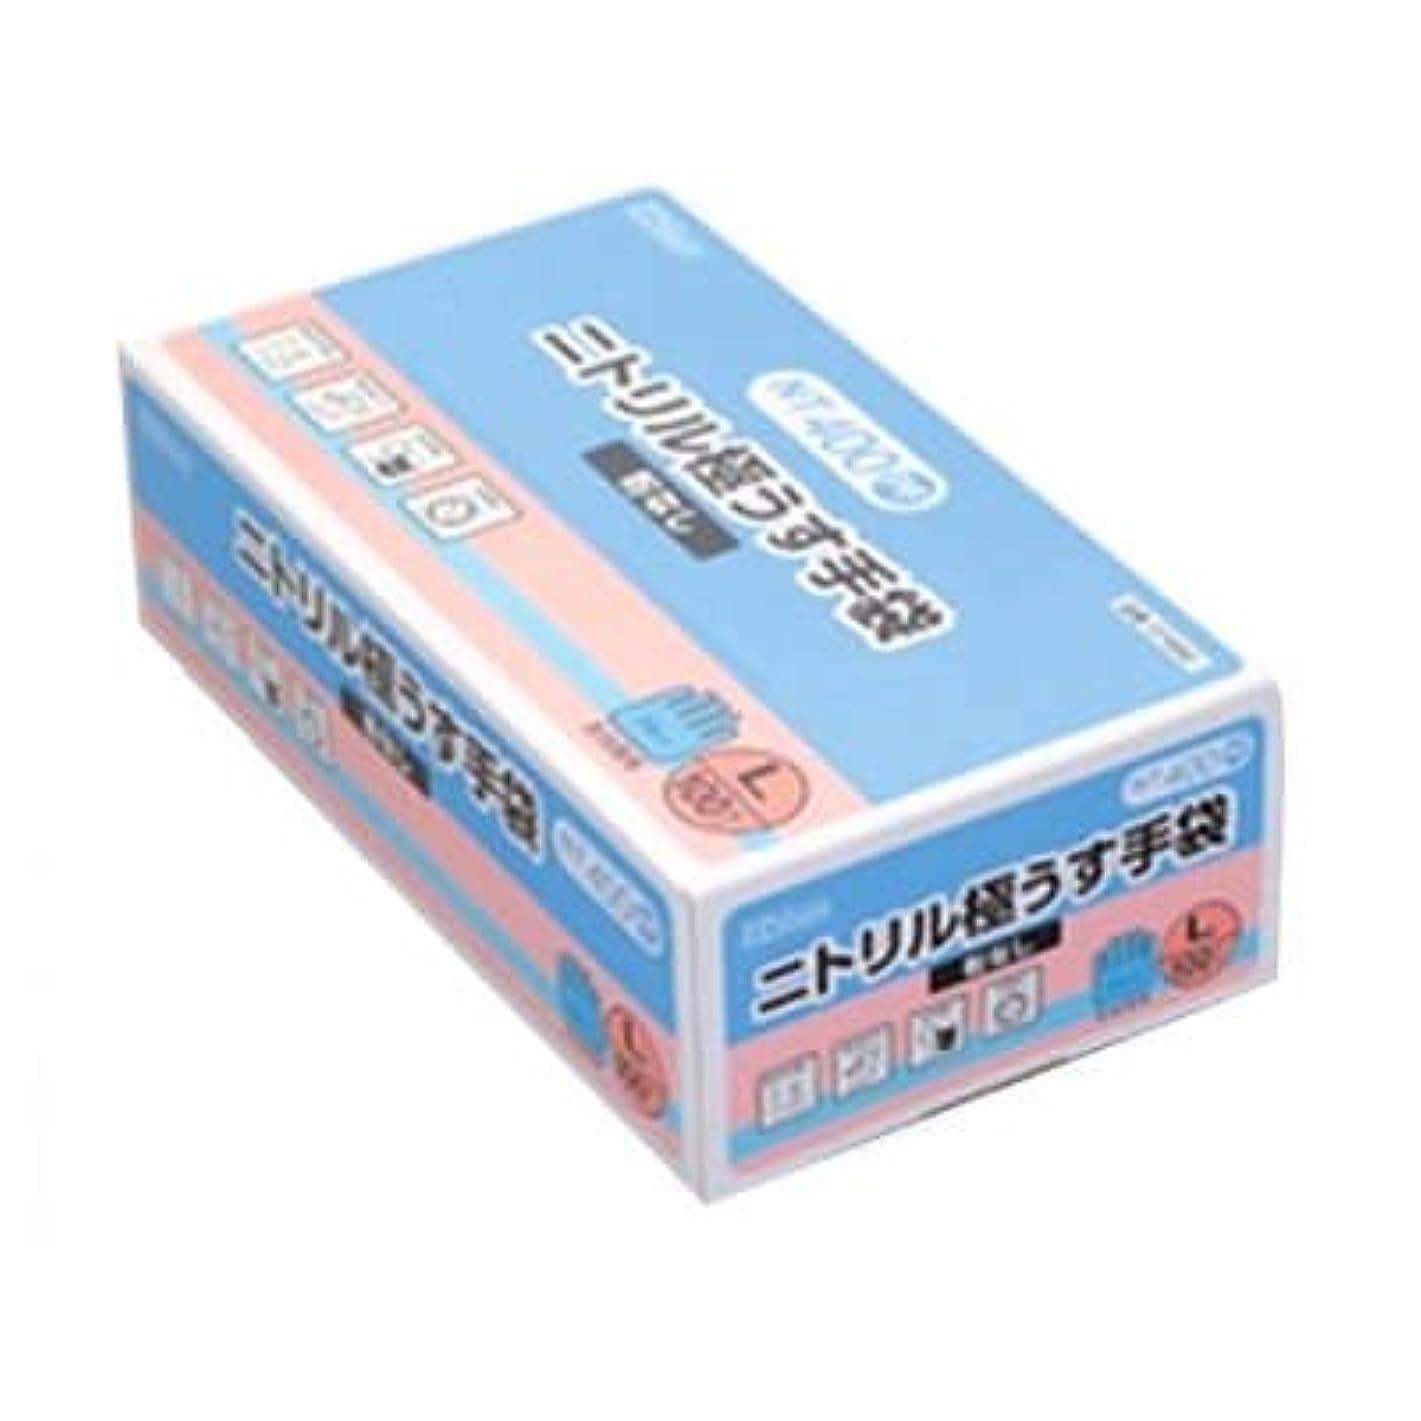 【ケース販売】 ダンロップ ニトリル極うす手袋 粉無 L ブルー NT-400 (100枚入×20箱)